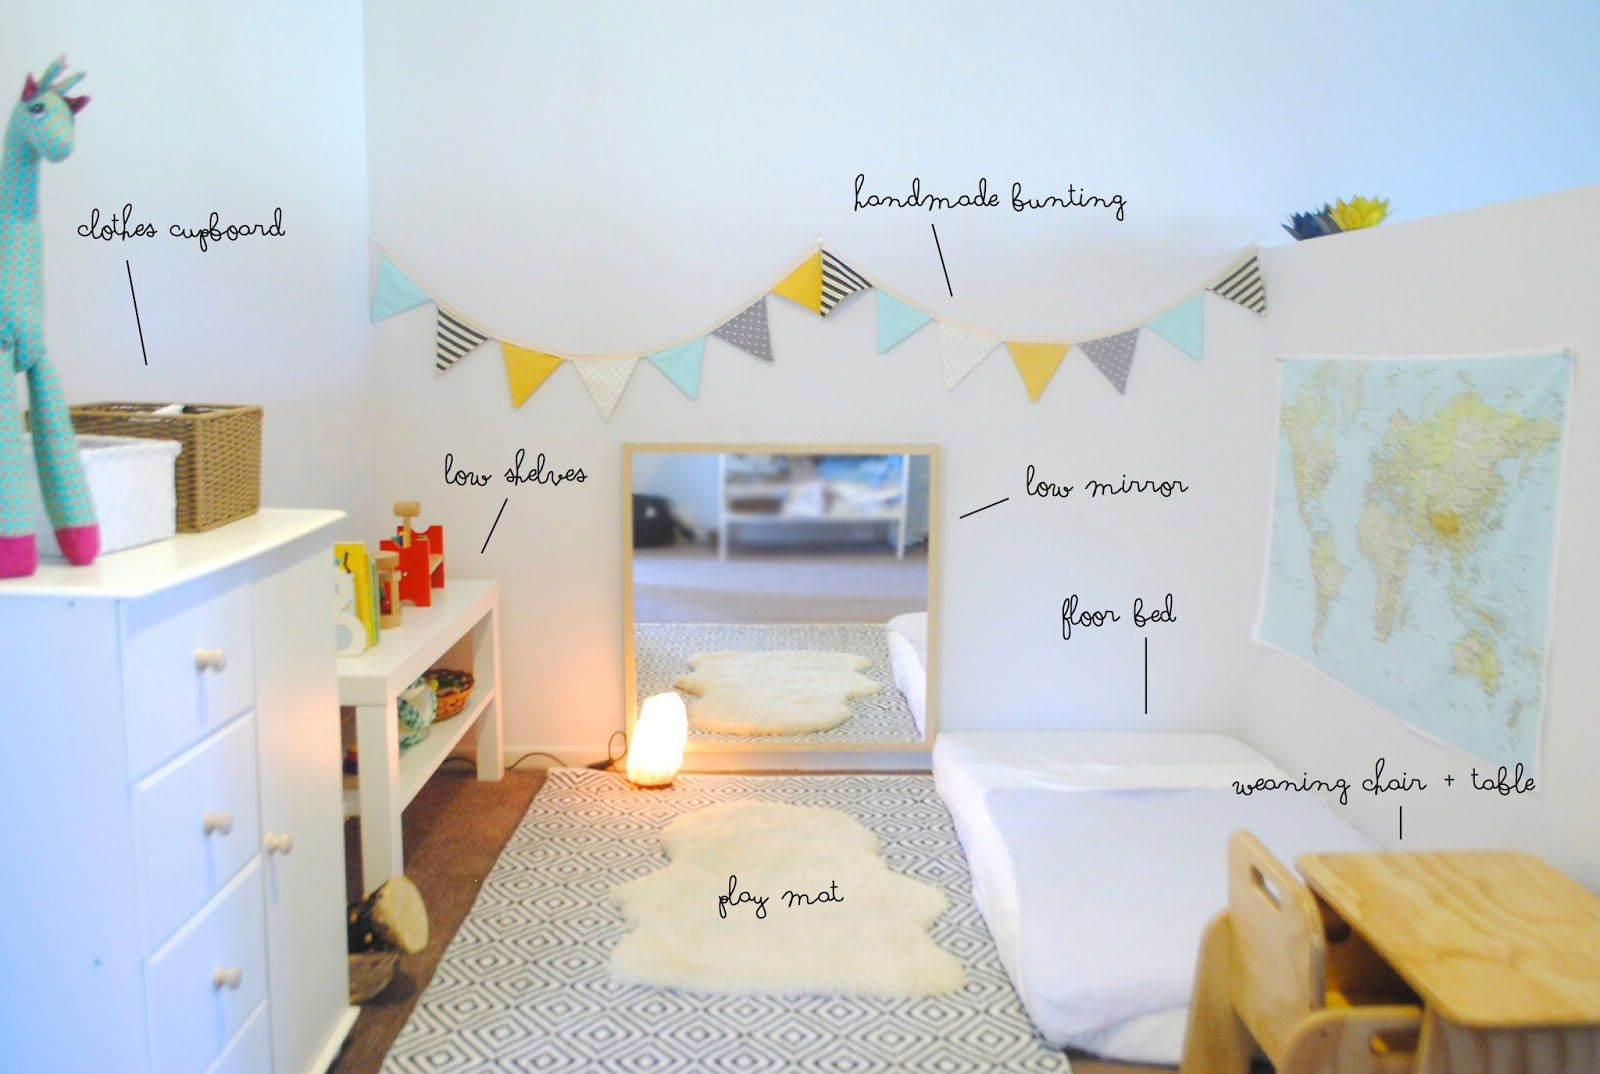 Camere Montessoriane : Come creare una stanza montessoriana per il tuo bambino casa2.0